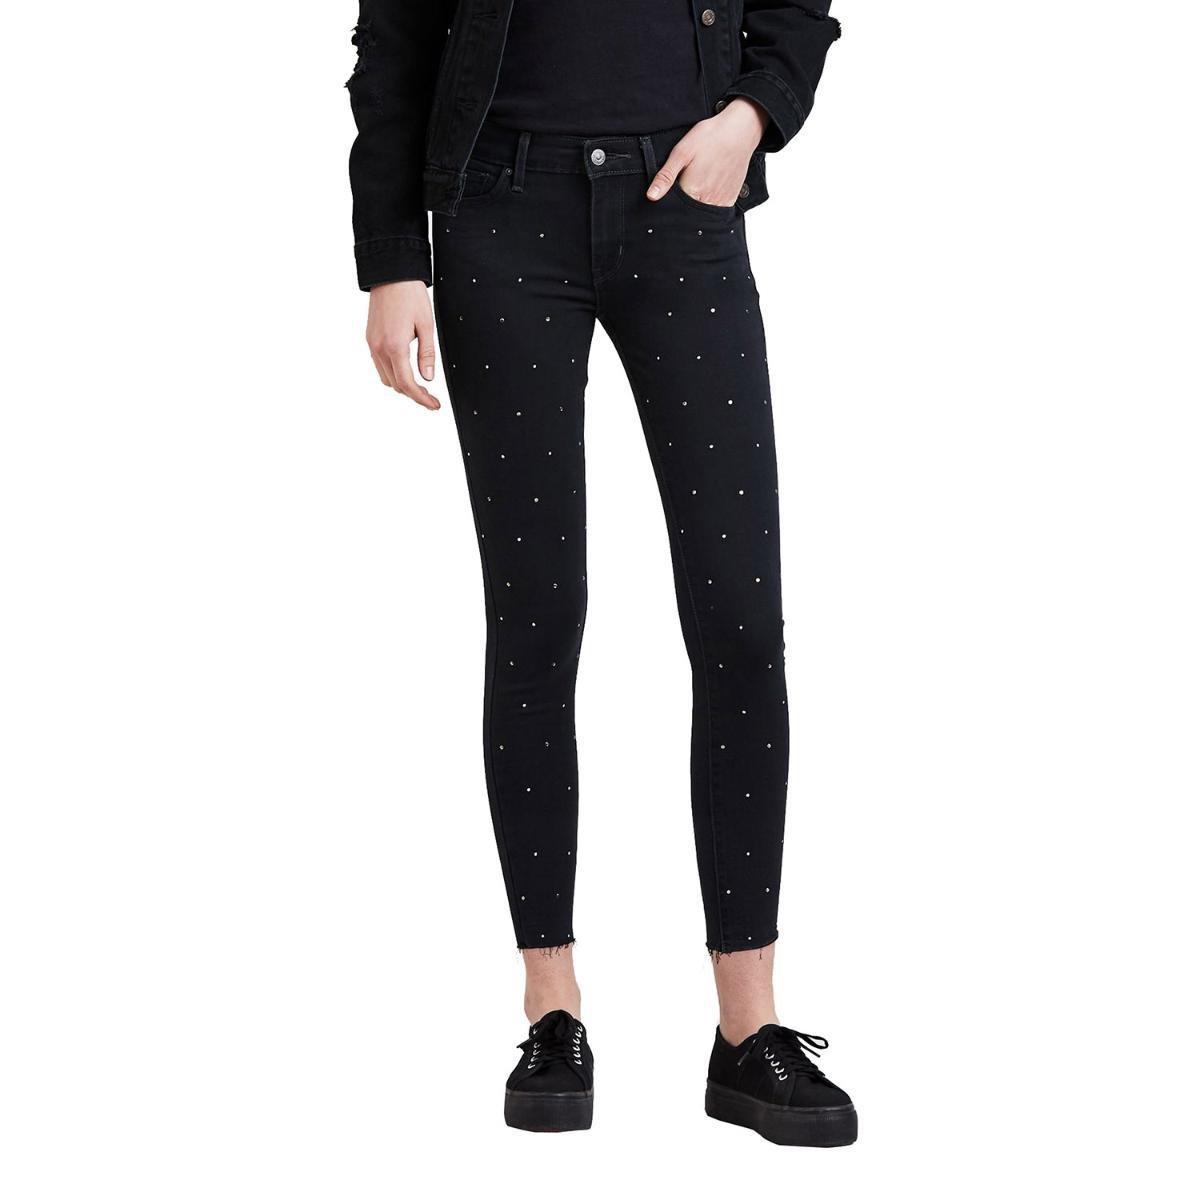 Calça Levi s Skinny Ankle Feminina - Preto - Compre Agora  be4cd11c48d